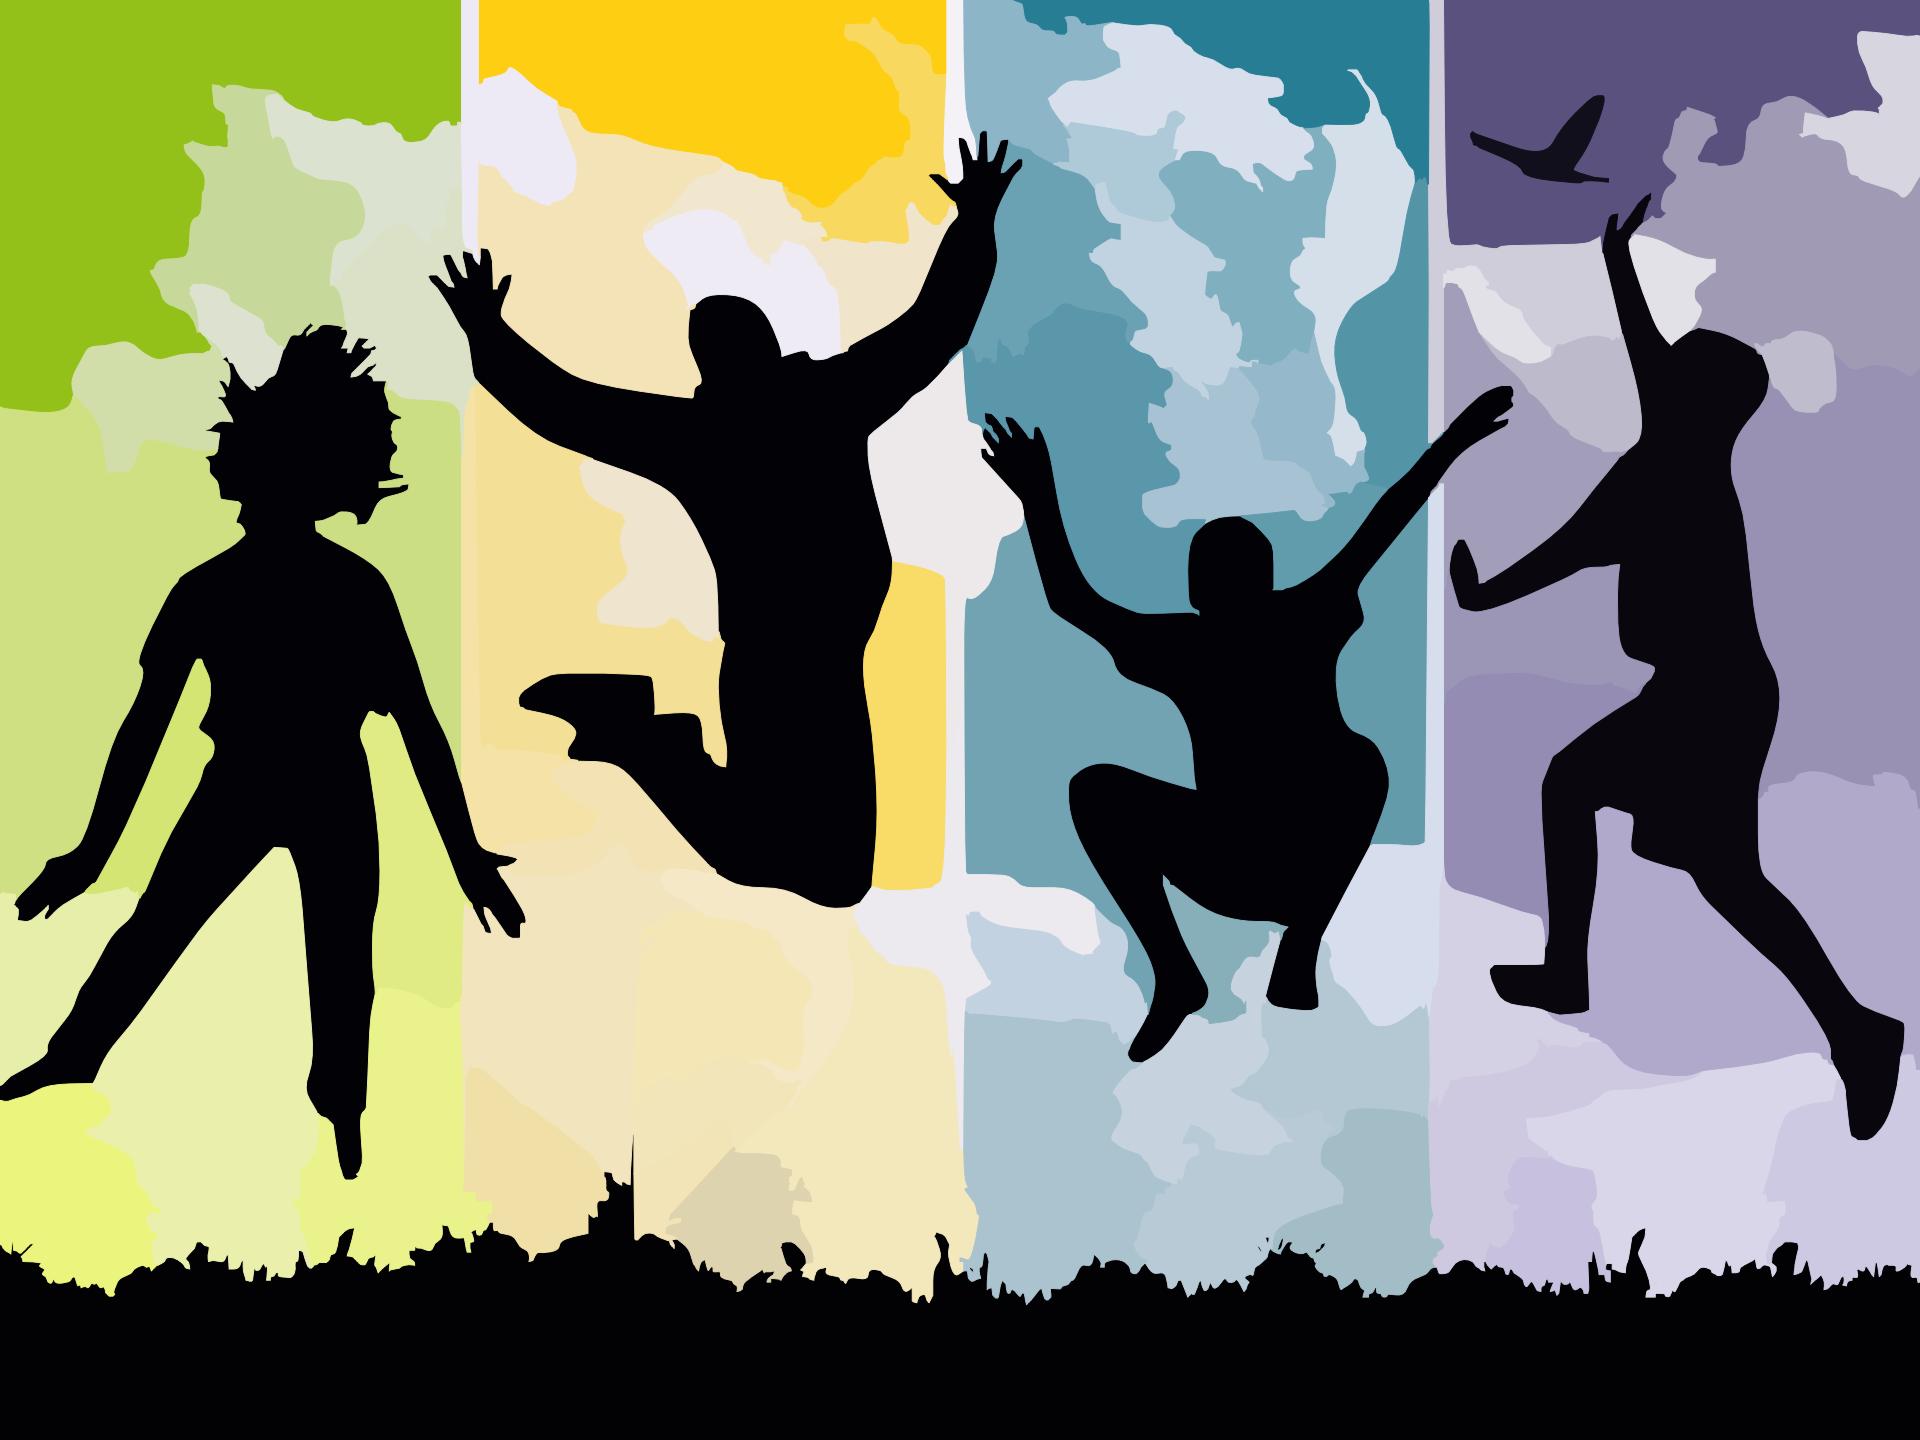 silhuetas, saltos, jovem, felicidade, dança - Papéis de parede HD - Professor-falken.com